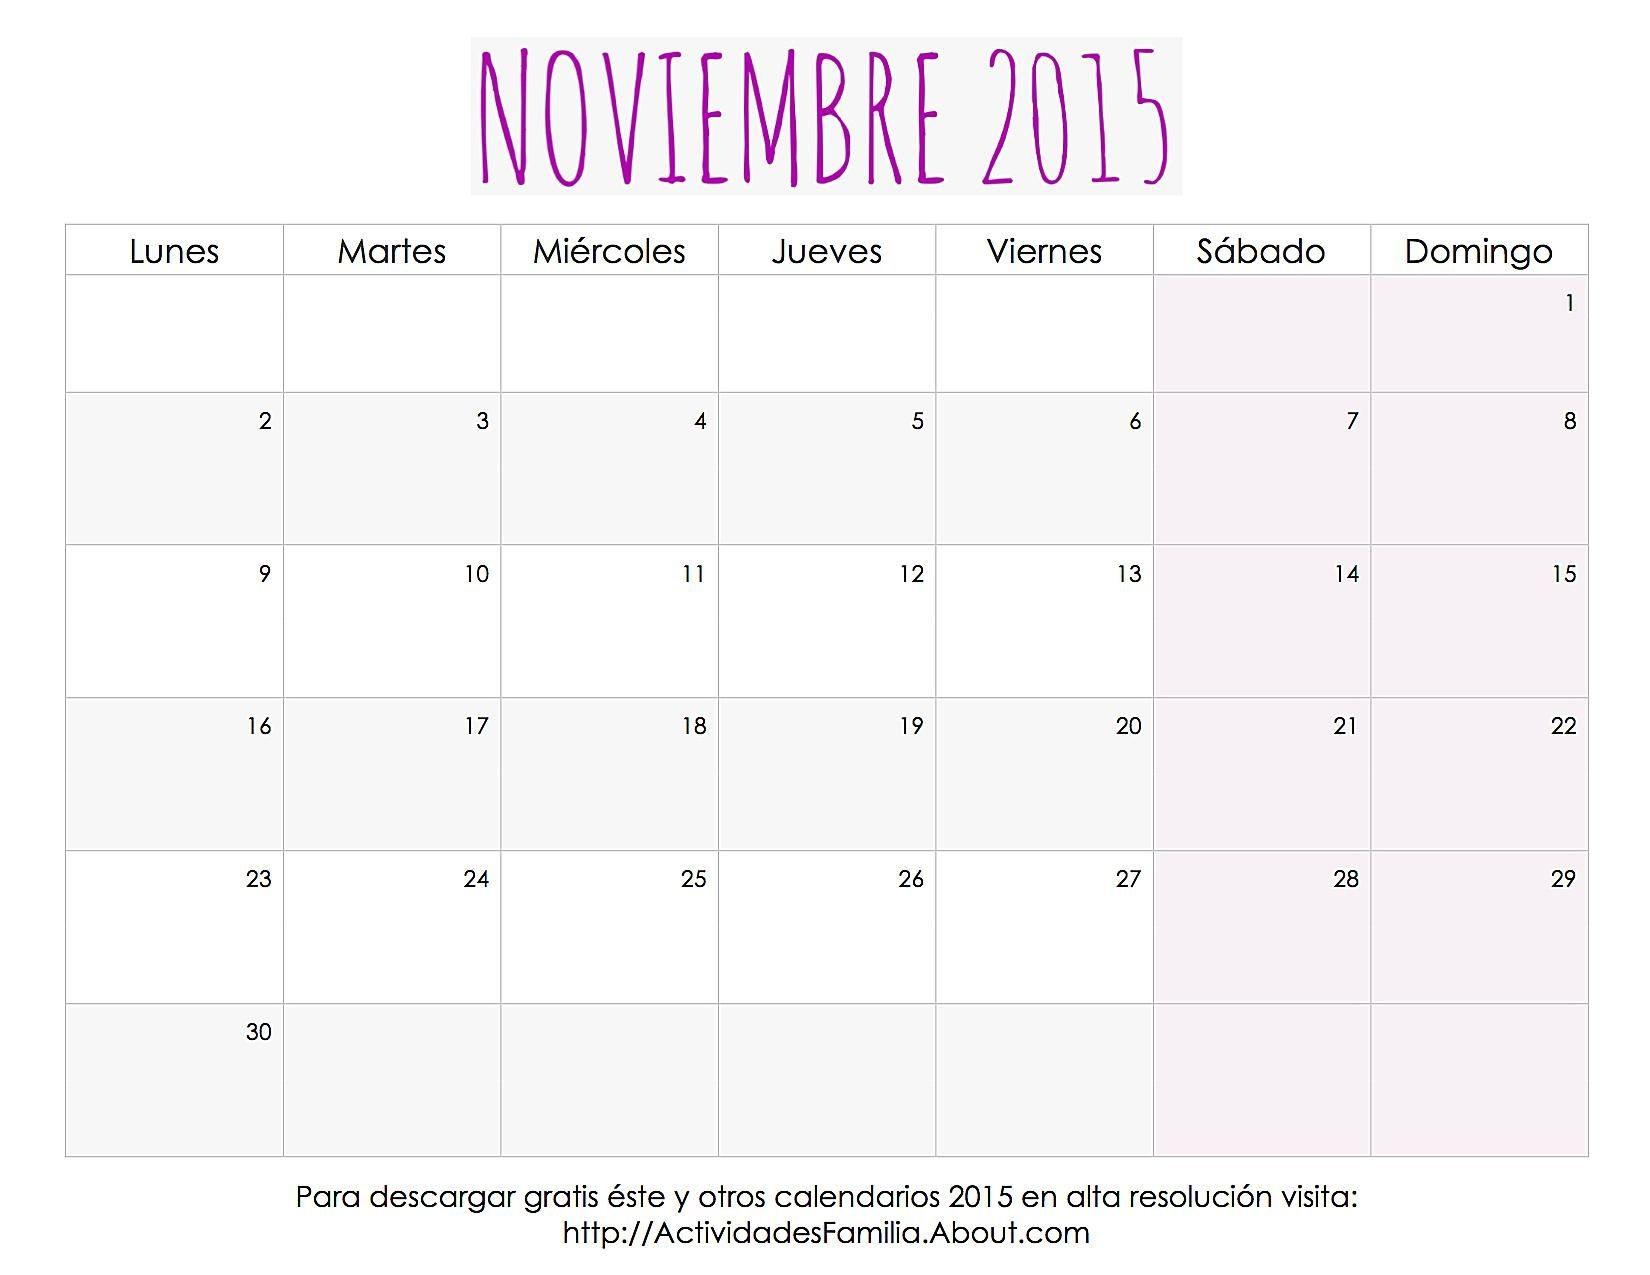 Calendario Octubre Chile 2017 Para Imprimir Más Caliente Calendario De Festividades En Noviembre 2015 Of Calendario Octubre Chile 2017 Para Imprimir Más Recientemente Liberado Calendarios Para Imprimir Gratis Imprimir Mes De Octubre Del